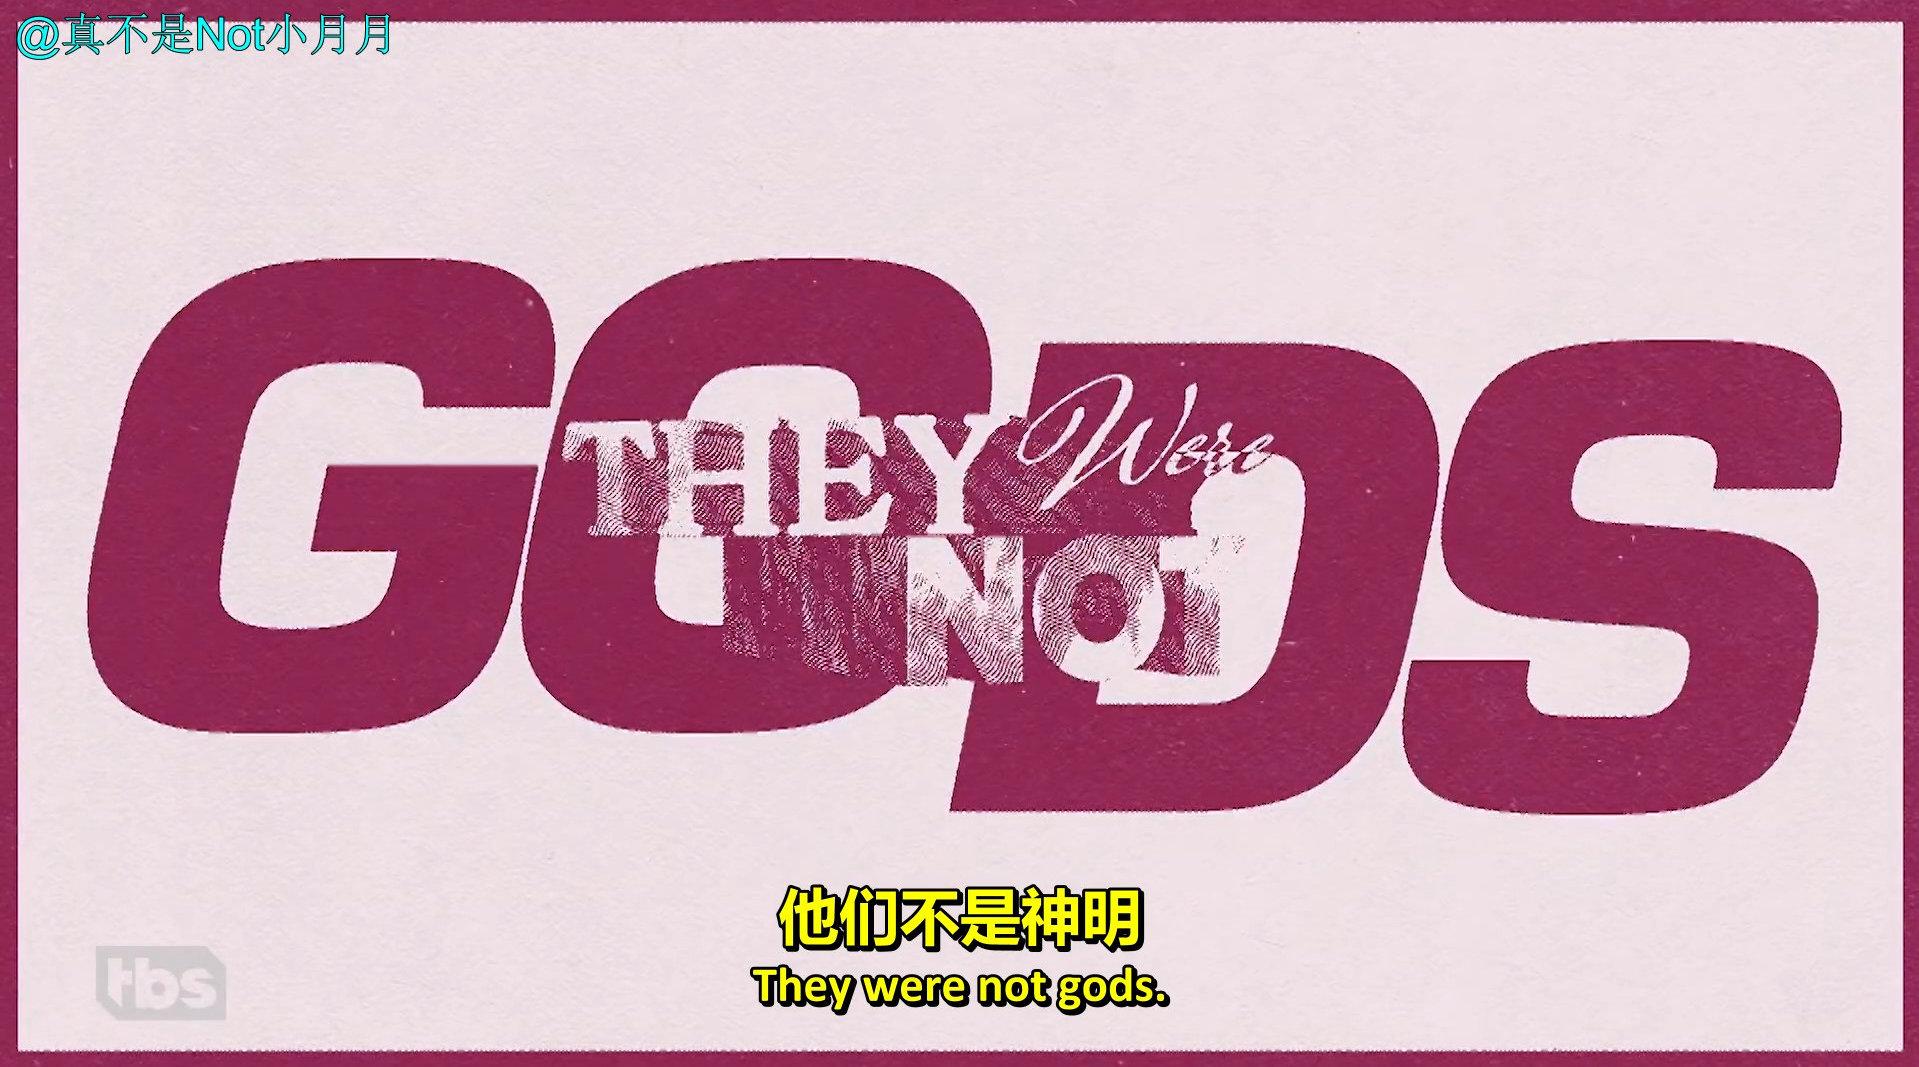 蜜蜂姐姐:美国国父不是神